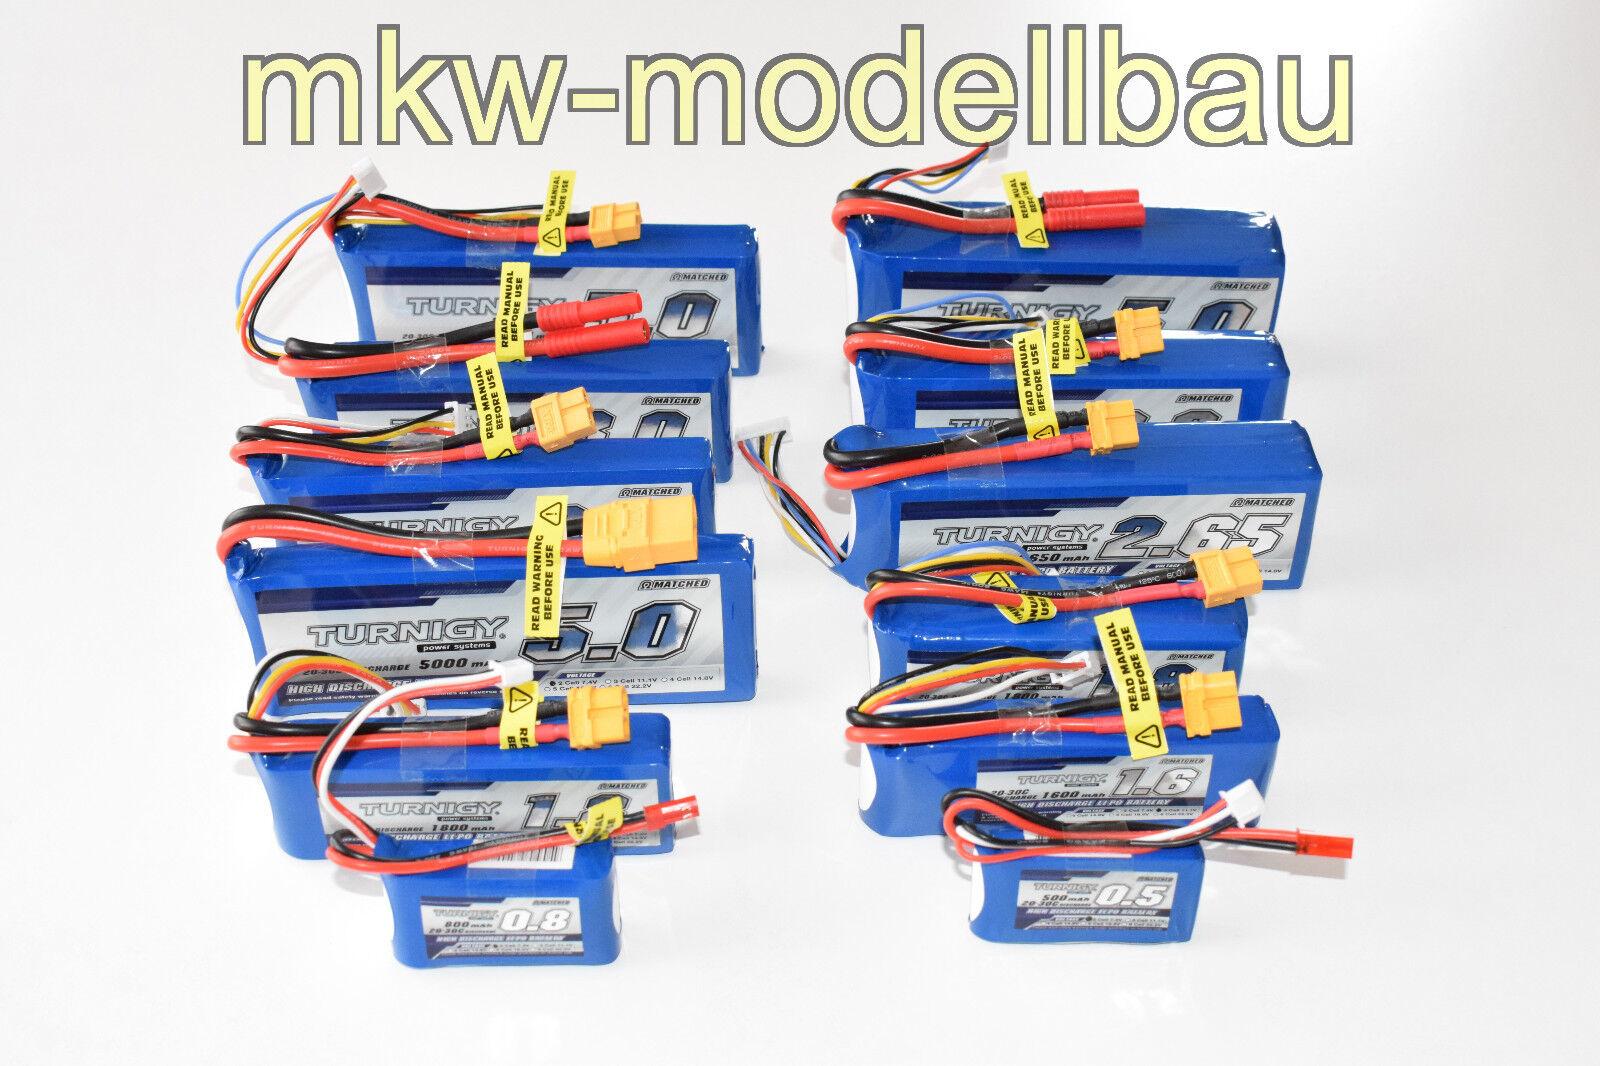 Turnigy Lipo Akku Pack 2s 3s 4s 5s 6s | 500 - 5000mAh | 20 - 30C Serie